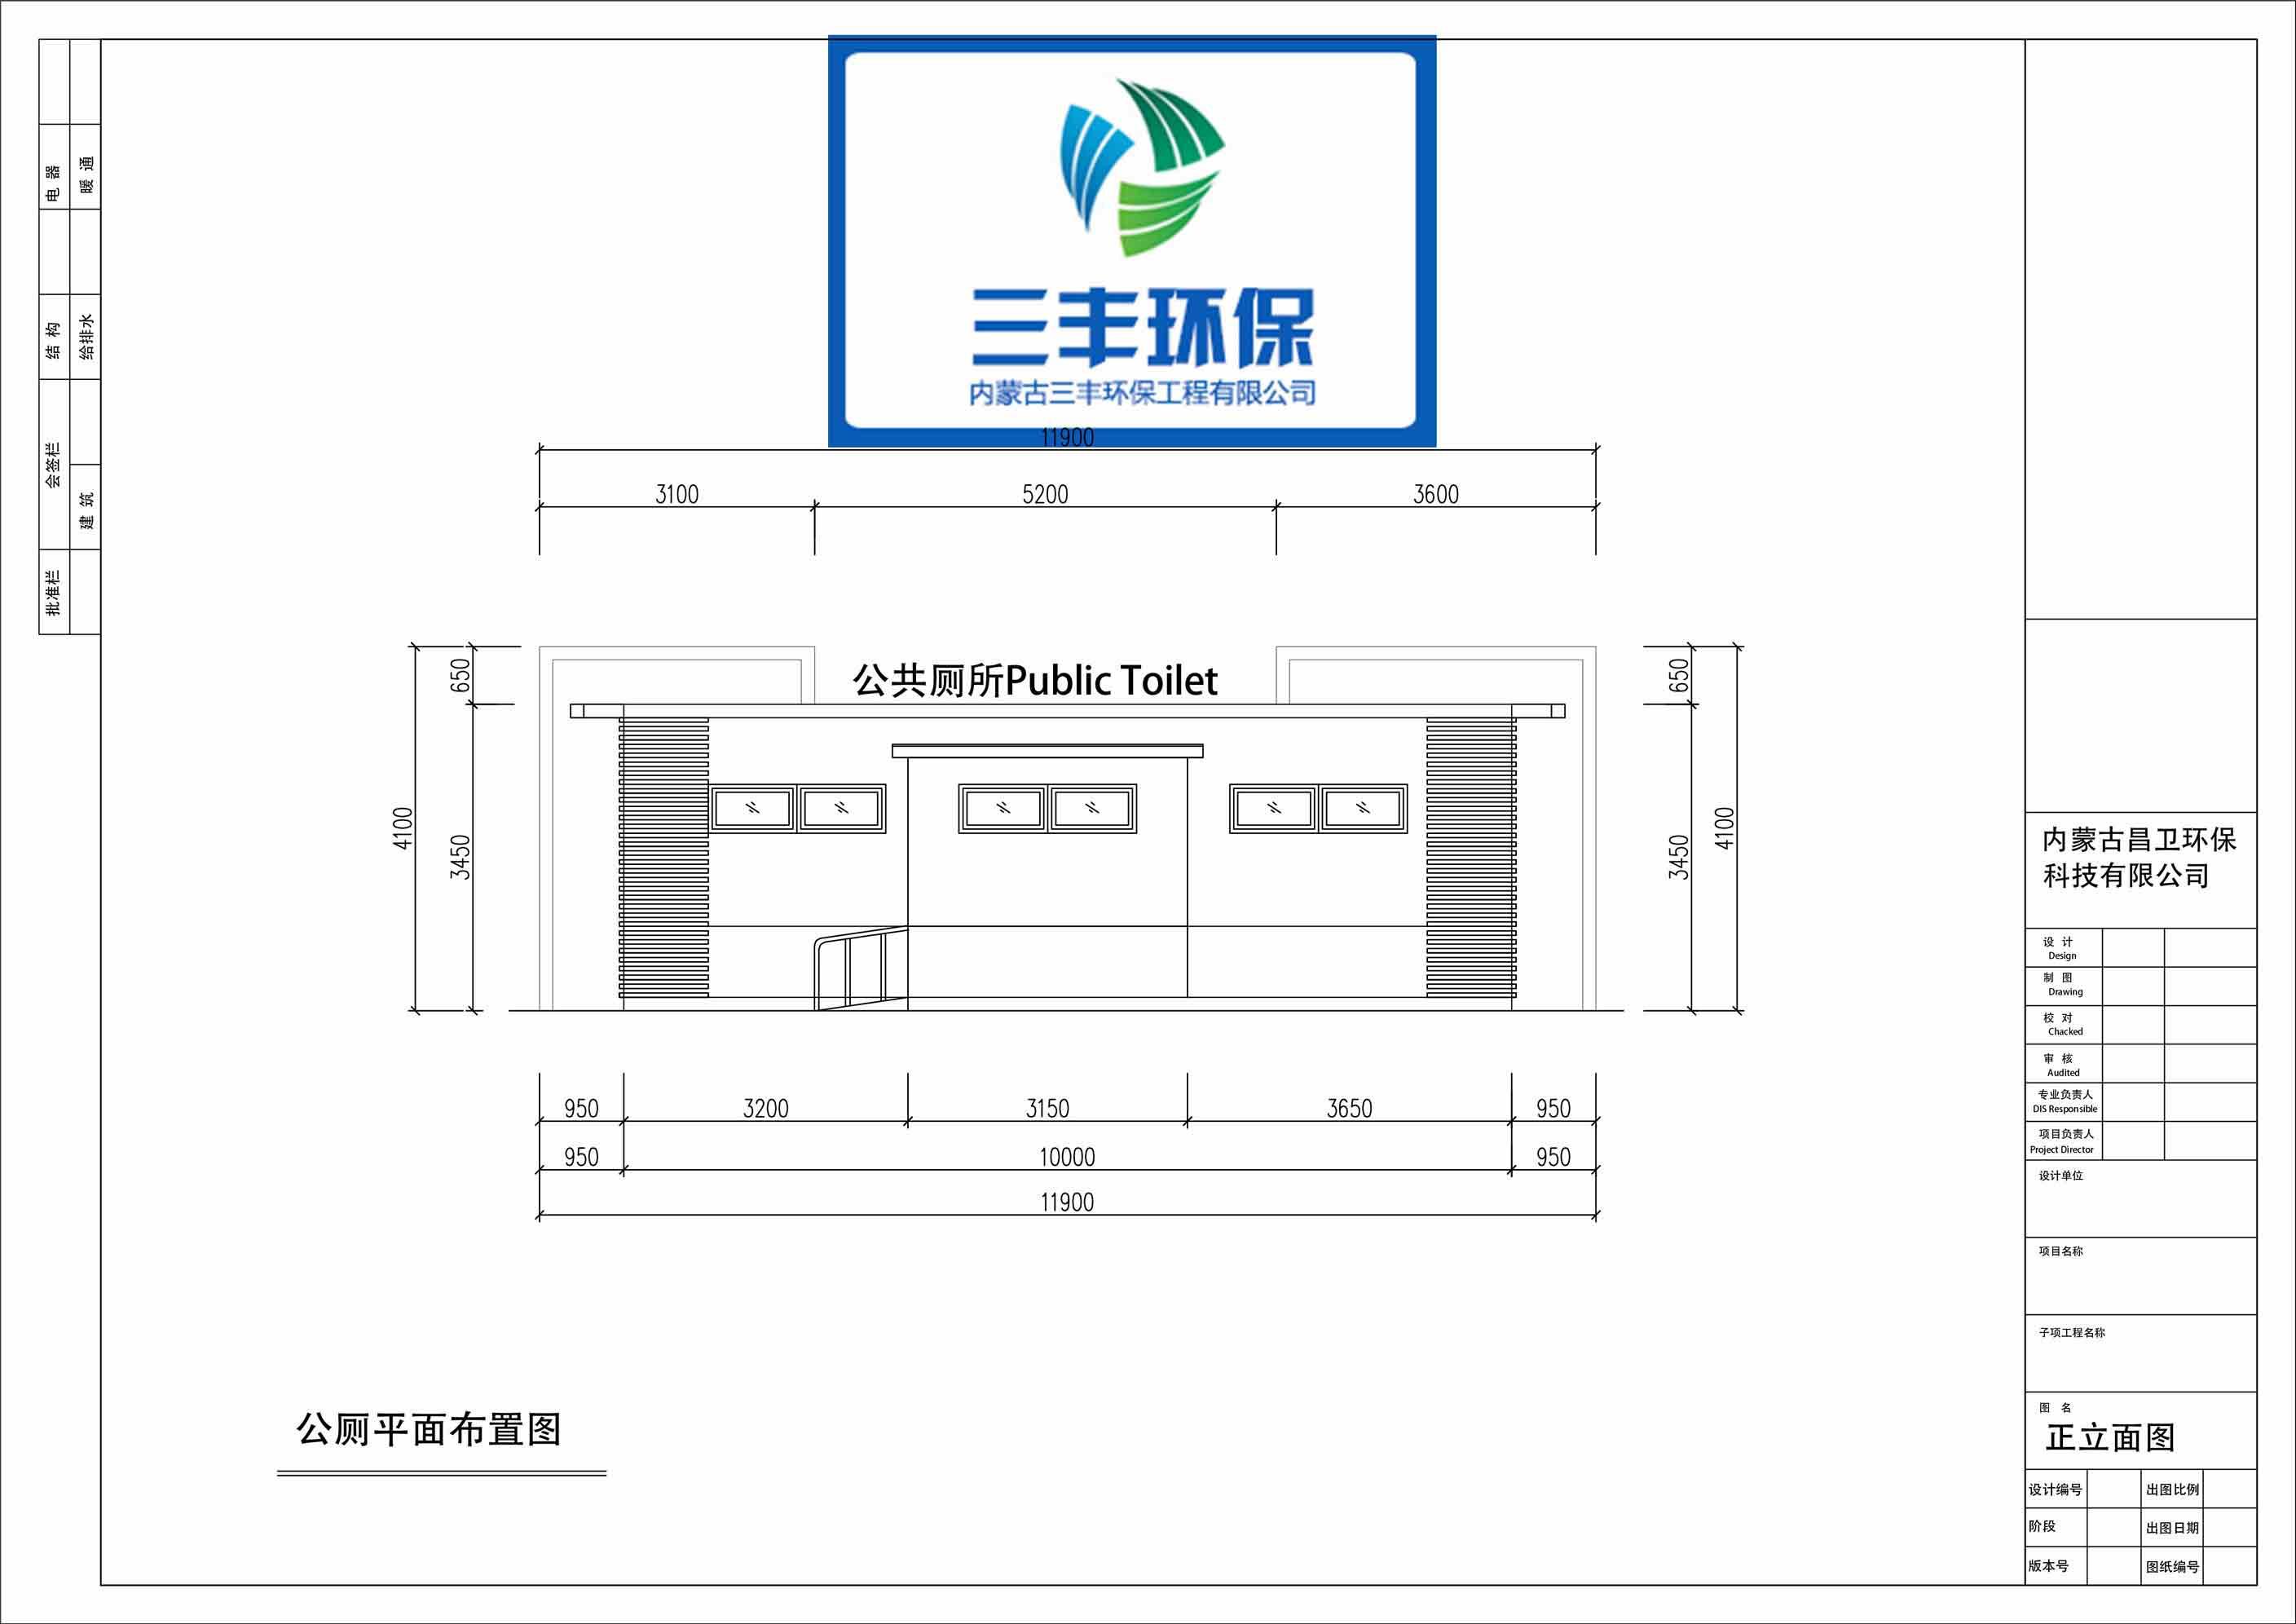 内蒙古城市环保厕所要多少钱 欢迎咨询 内蒙古三丰环保工程供应